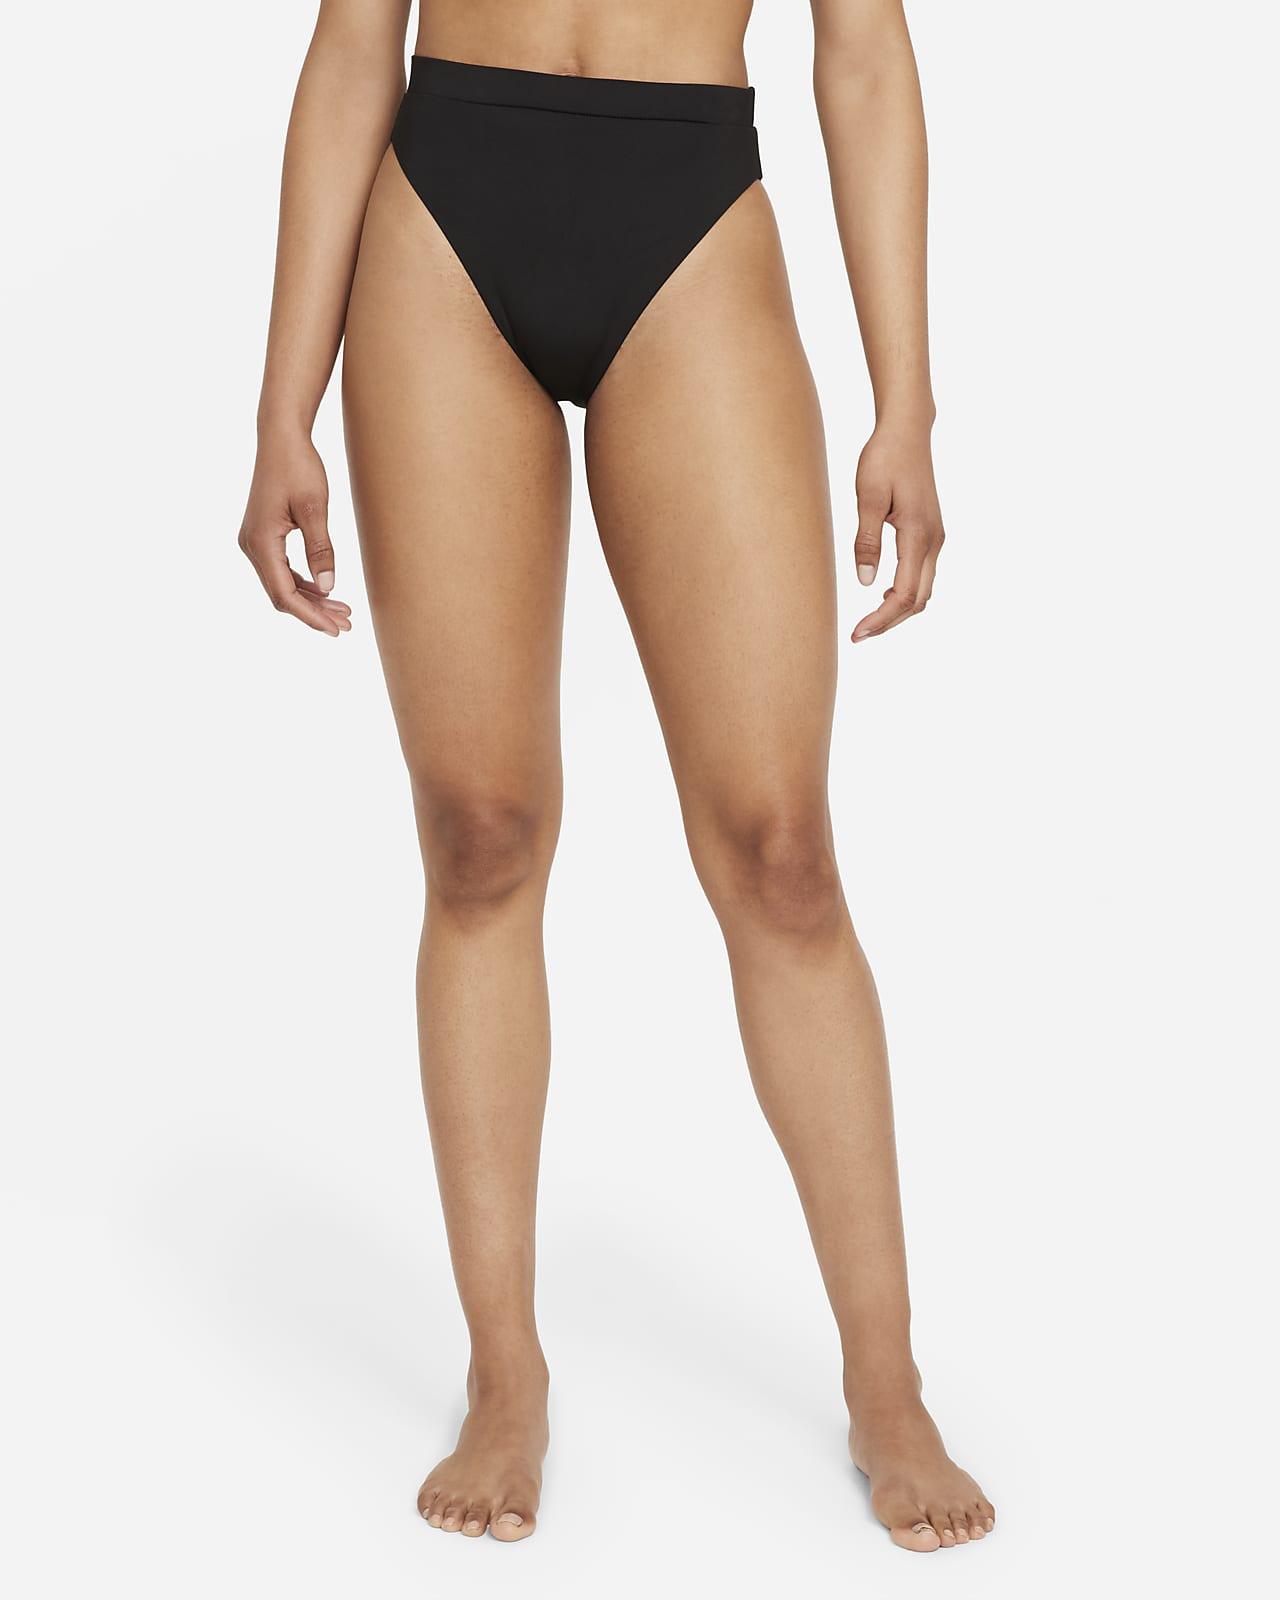 Dámský spodní díl plavek Nike Essential svysokým pasem